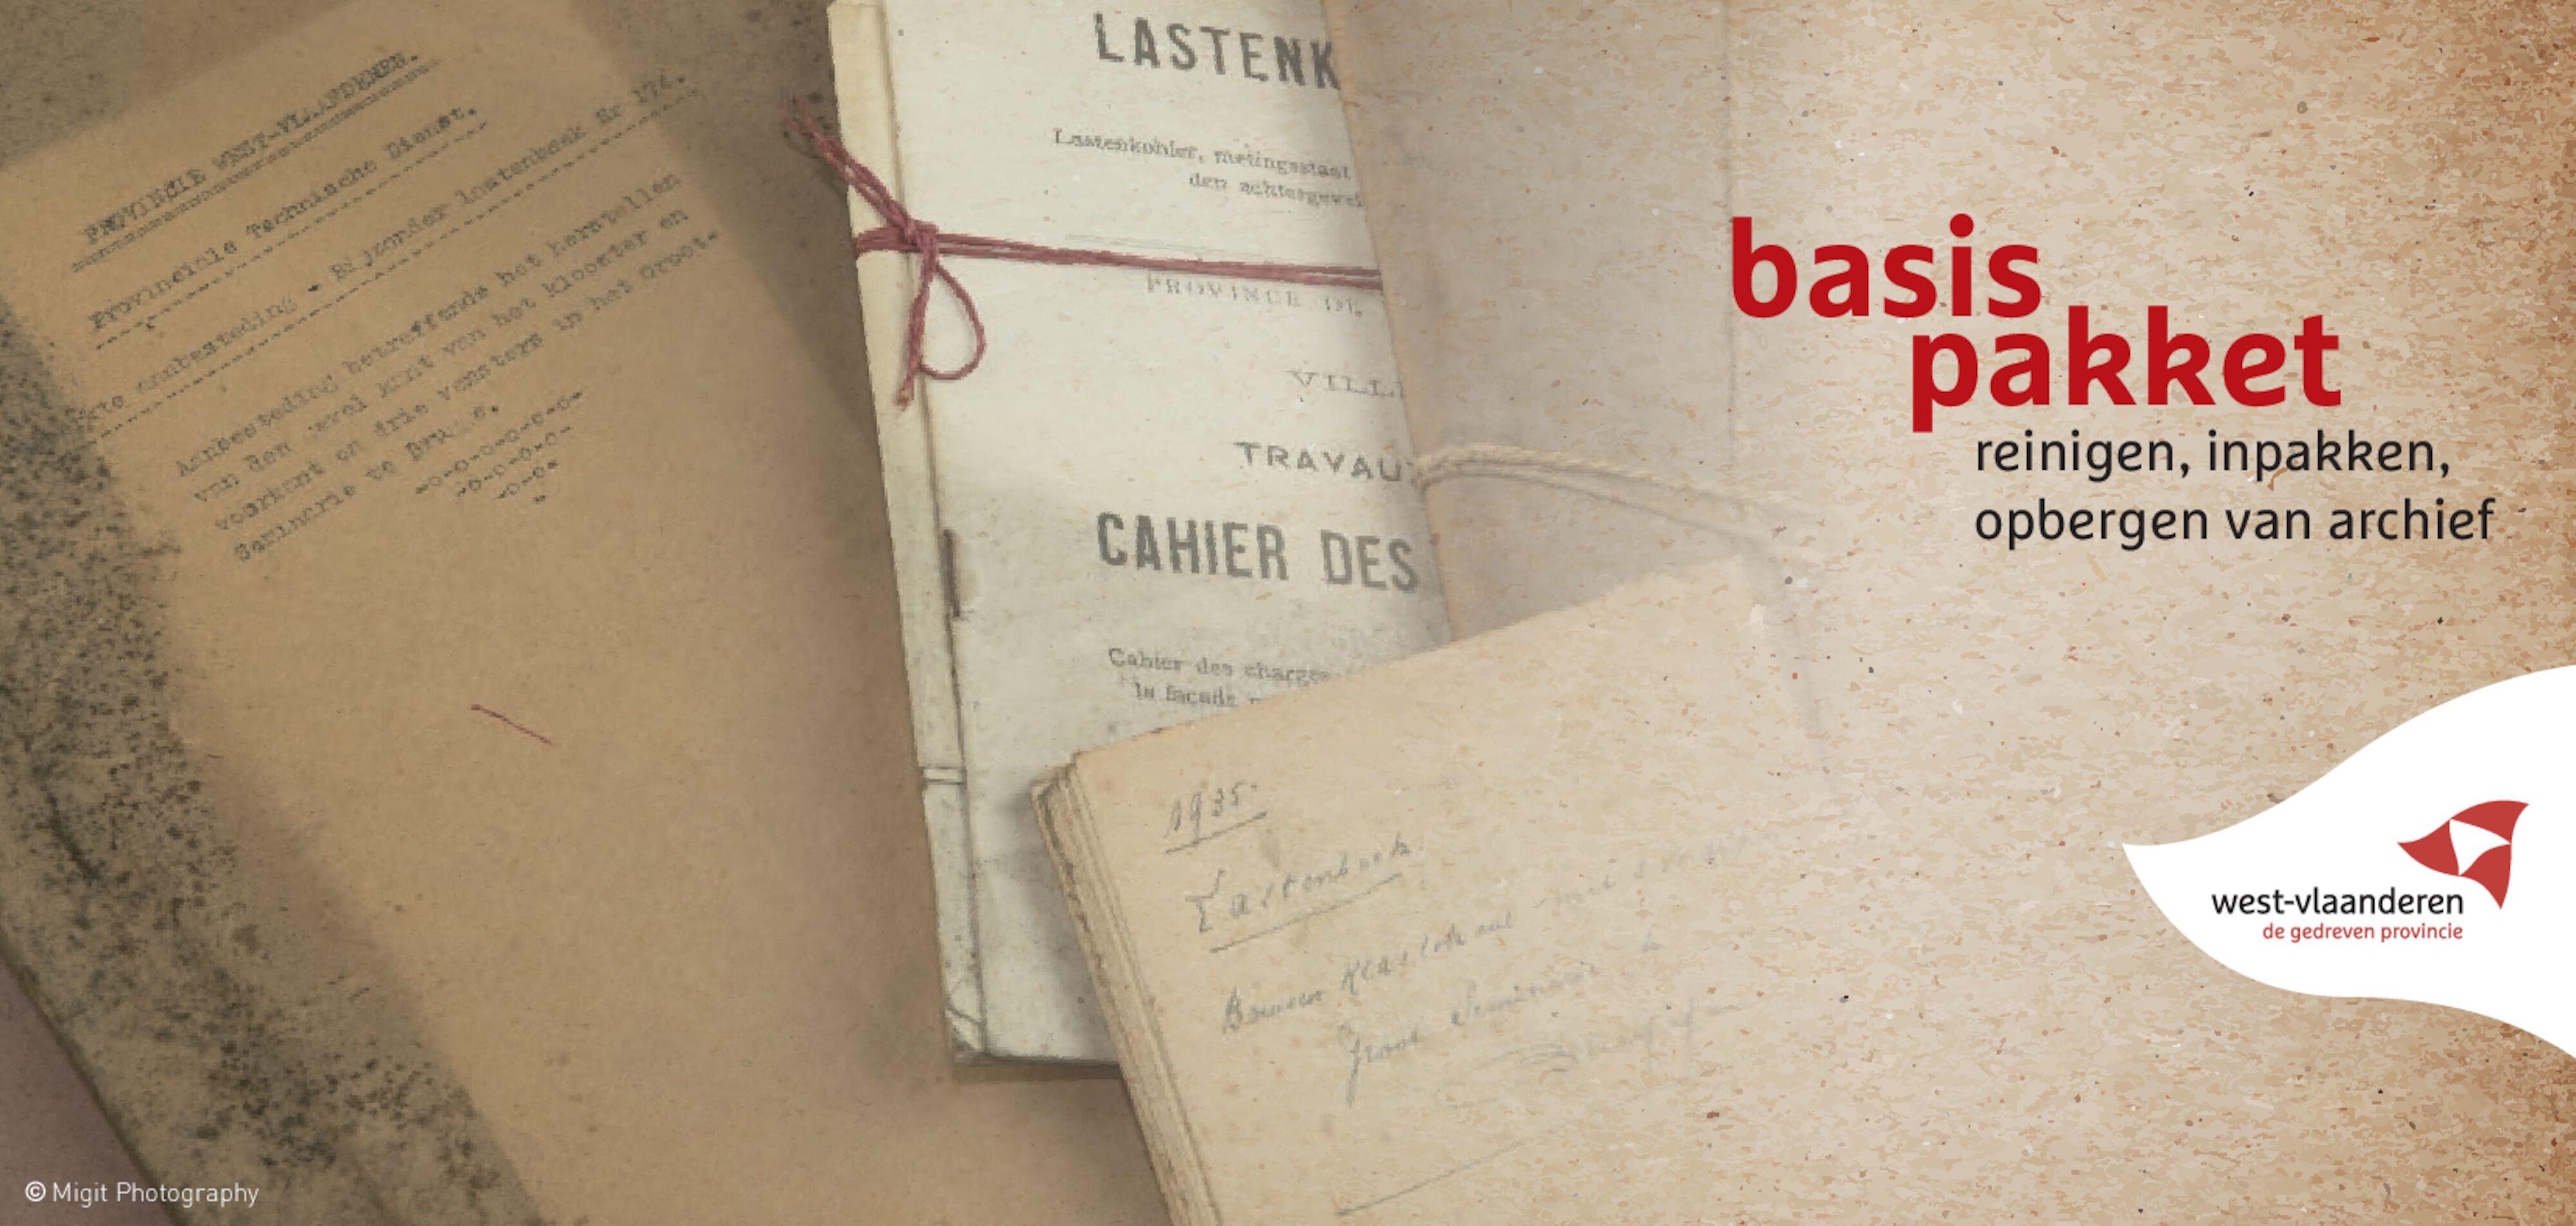 Basispakket reinigen, inpakken, opbergen van archief